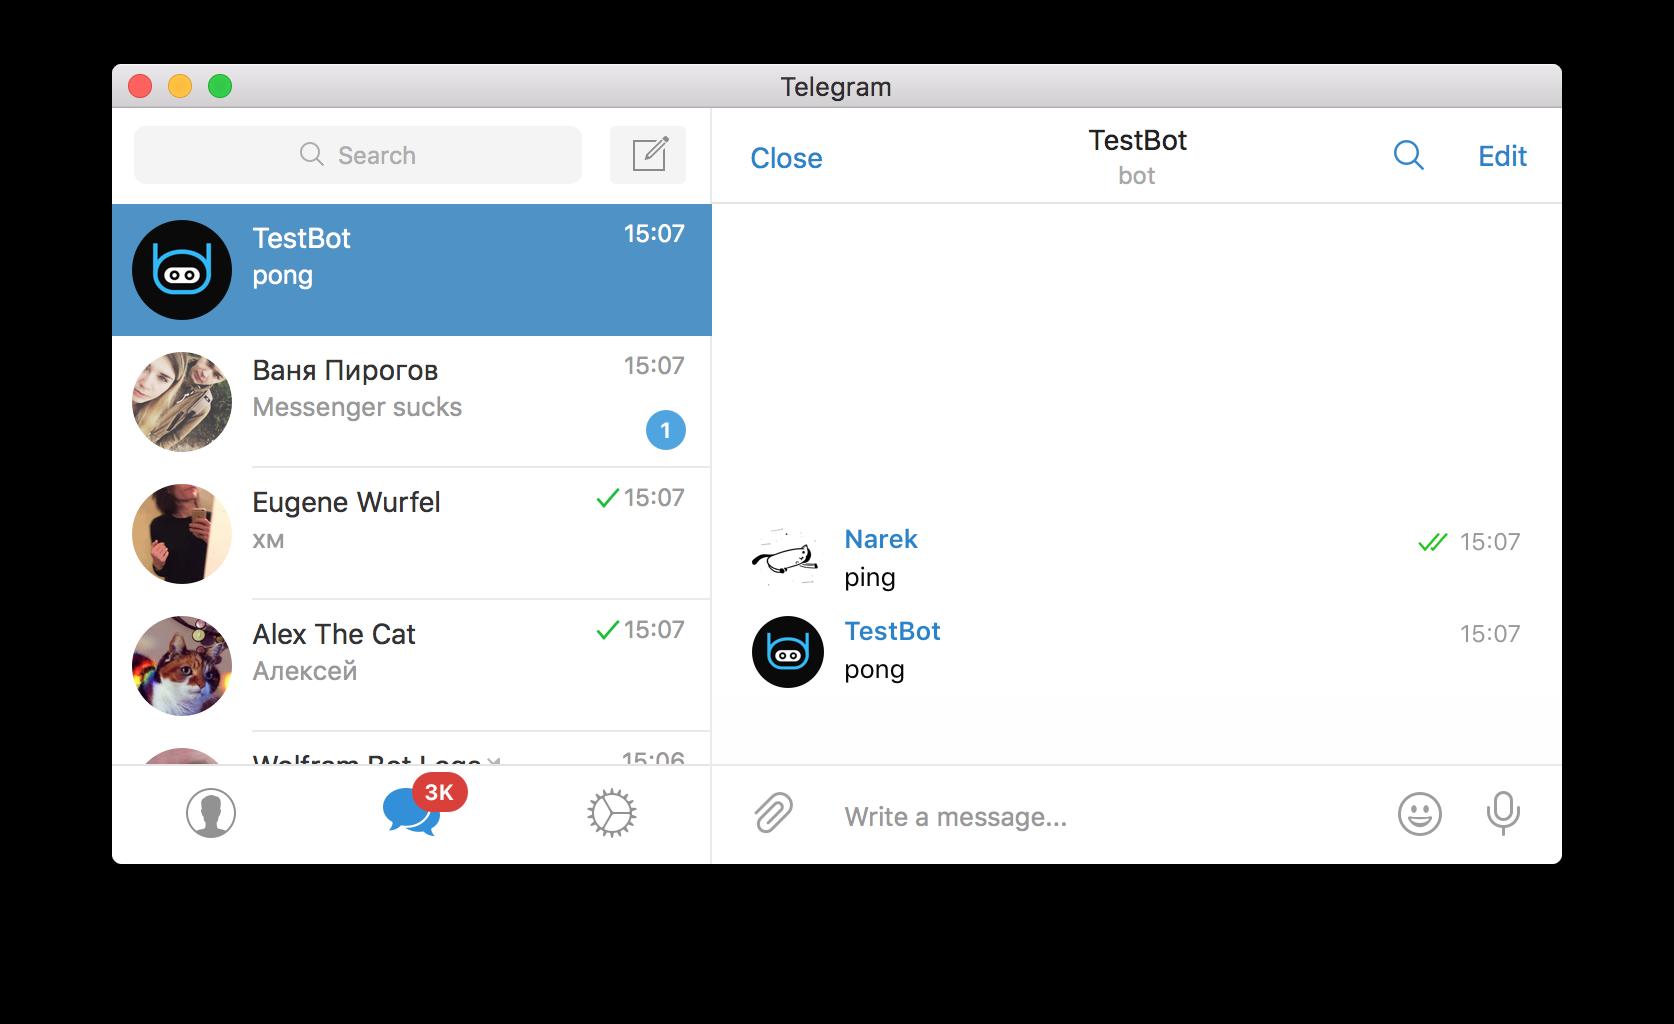 telegram-node-bot - npm